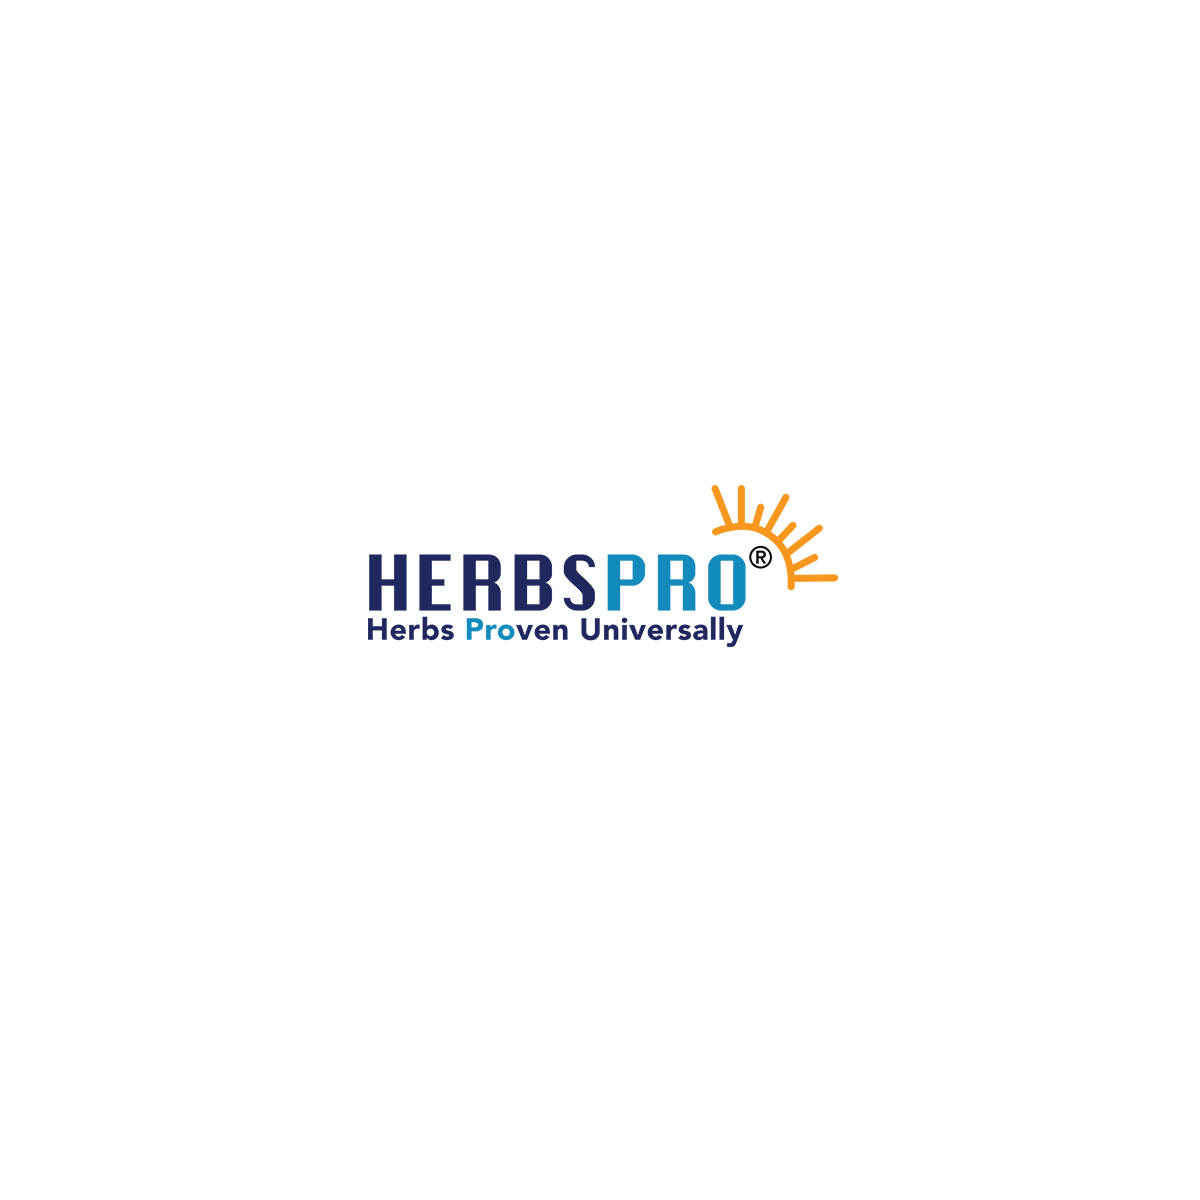 Herbspro